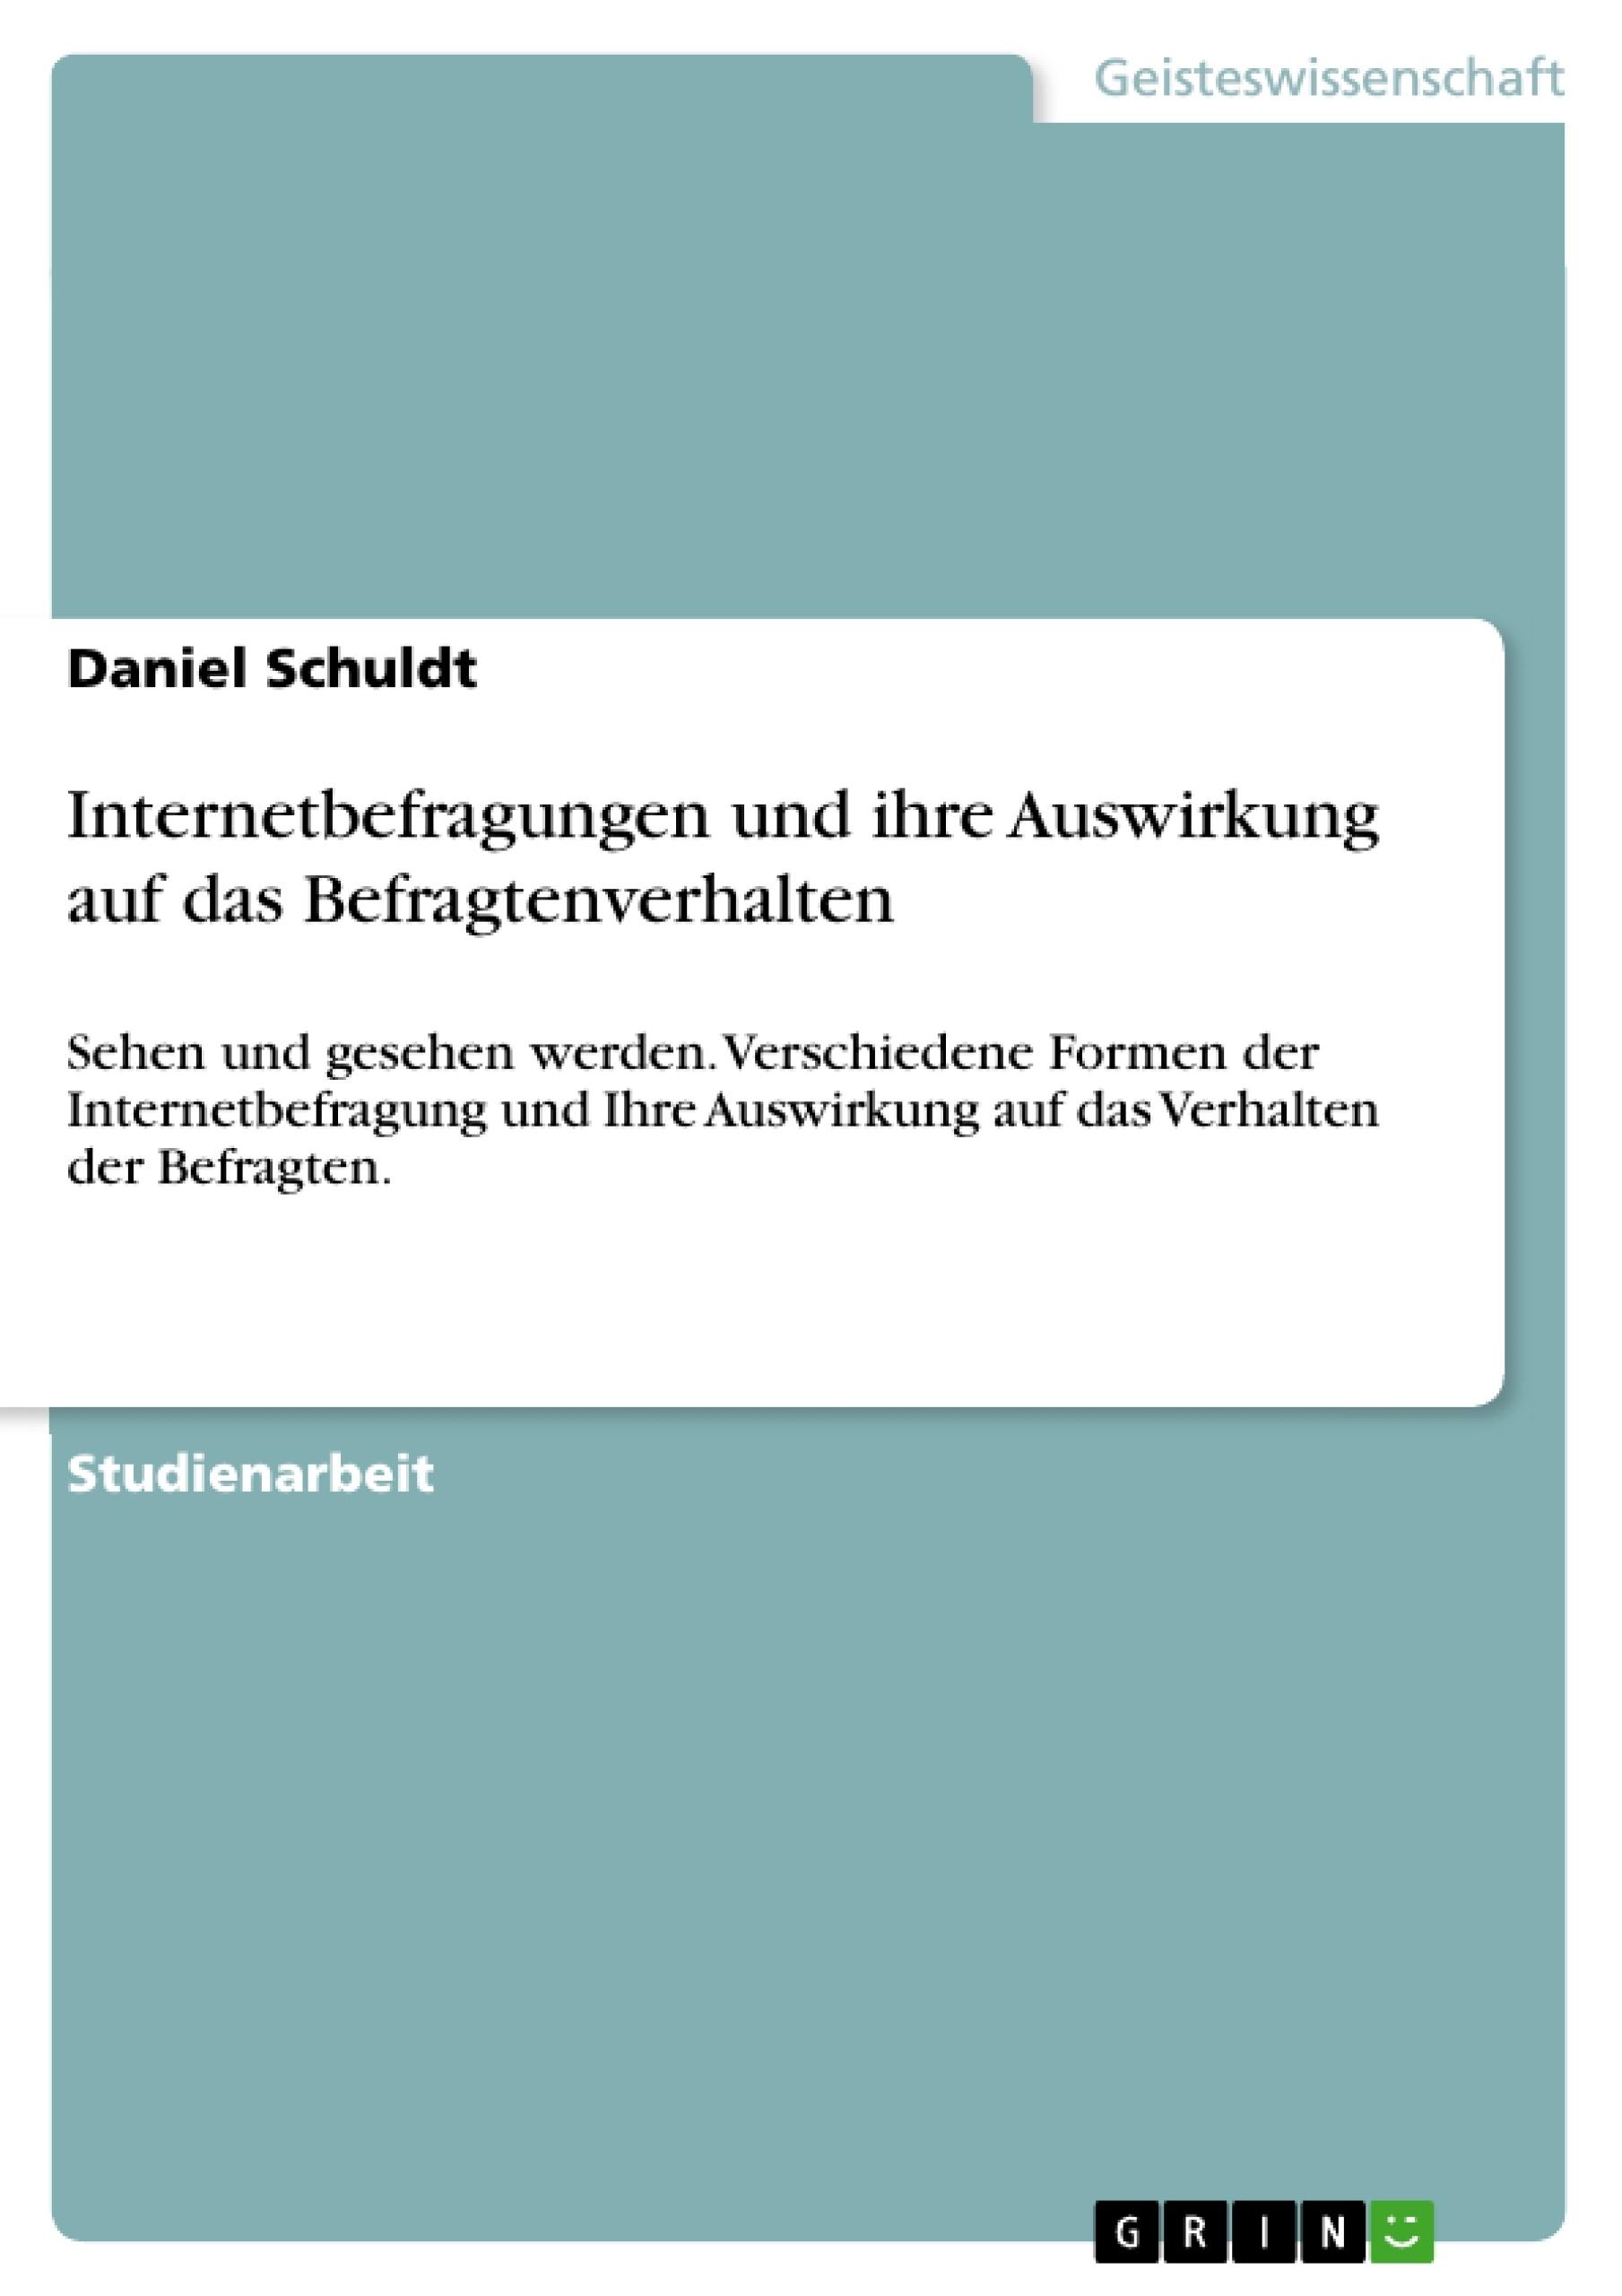 Titel: Internetbefragungen und ihre Auswirkung auf das Befragtenverhalten